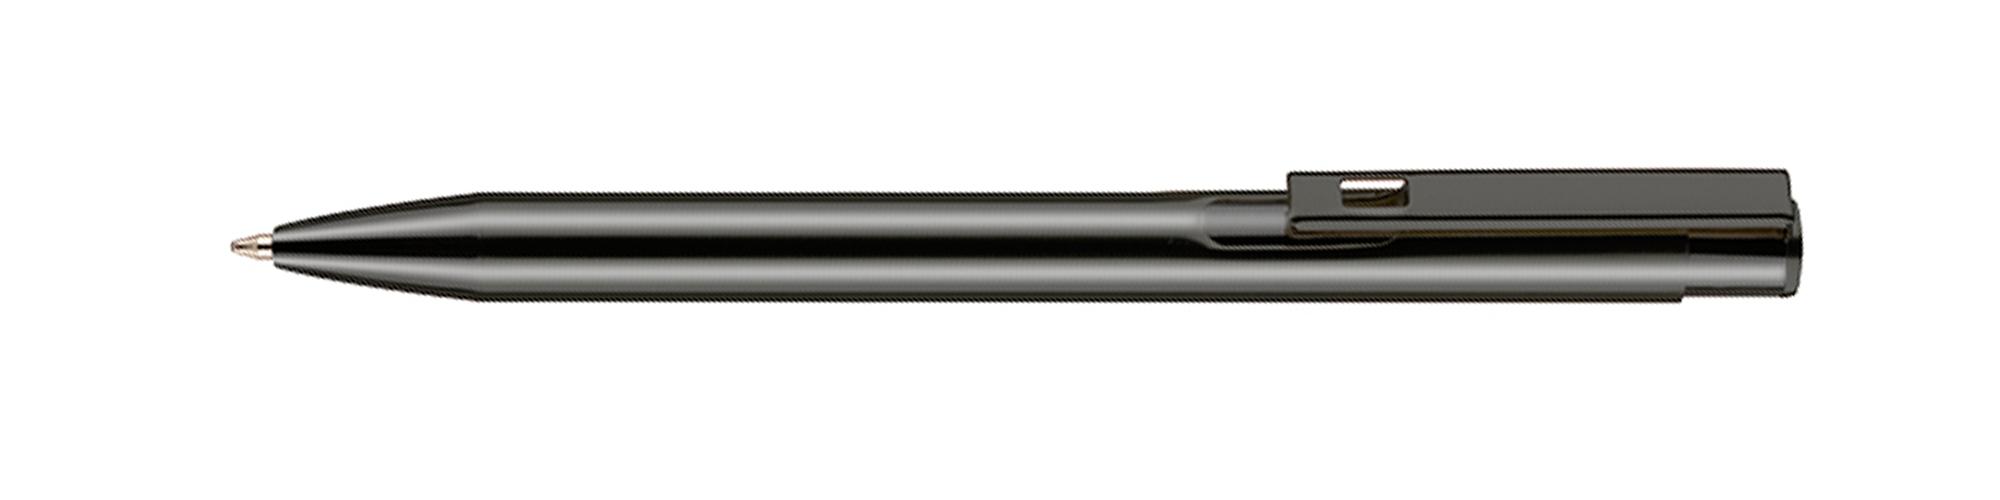 Metalowy długopis reklamowy – 19616